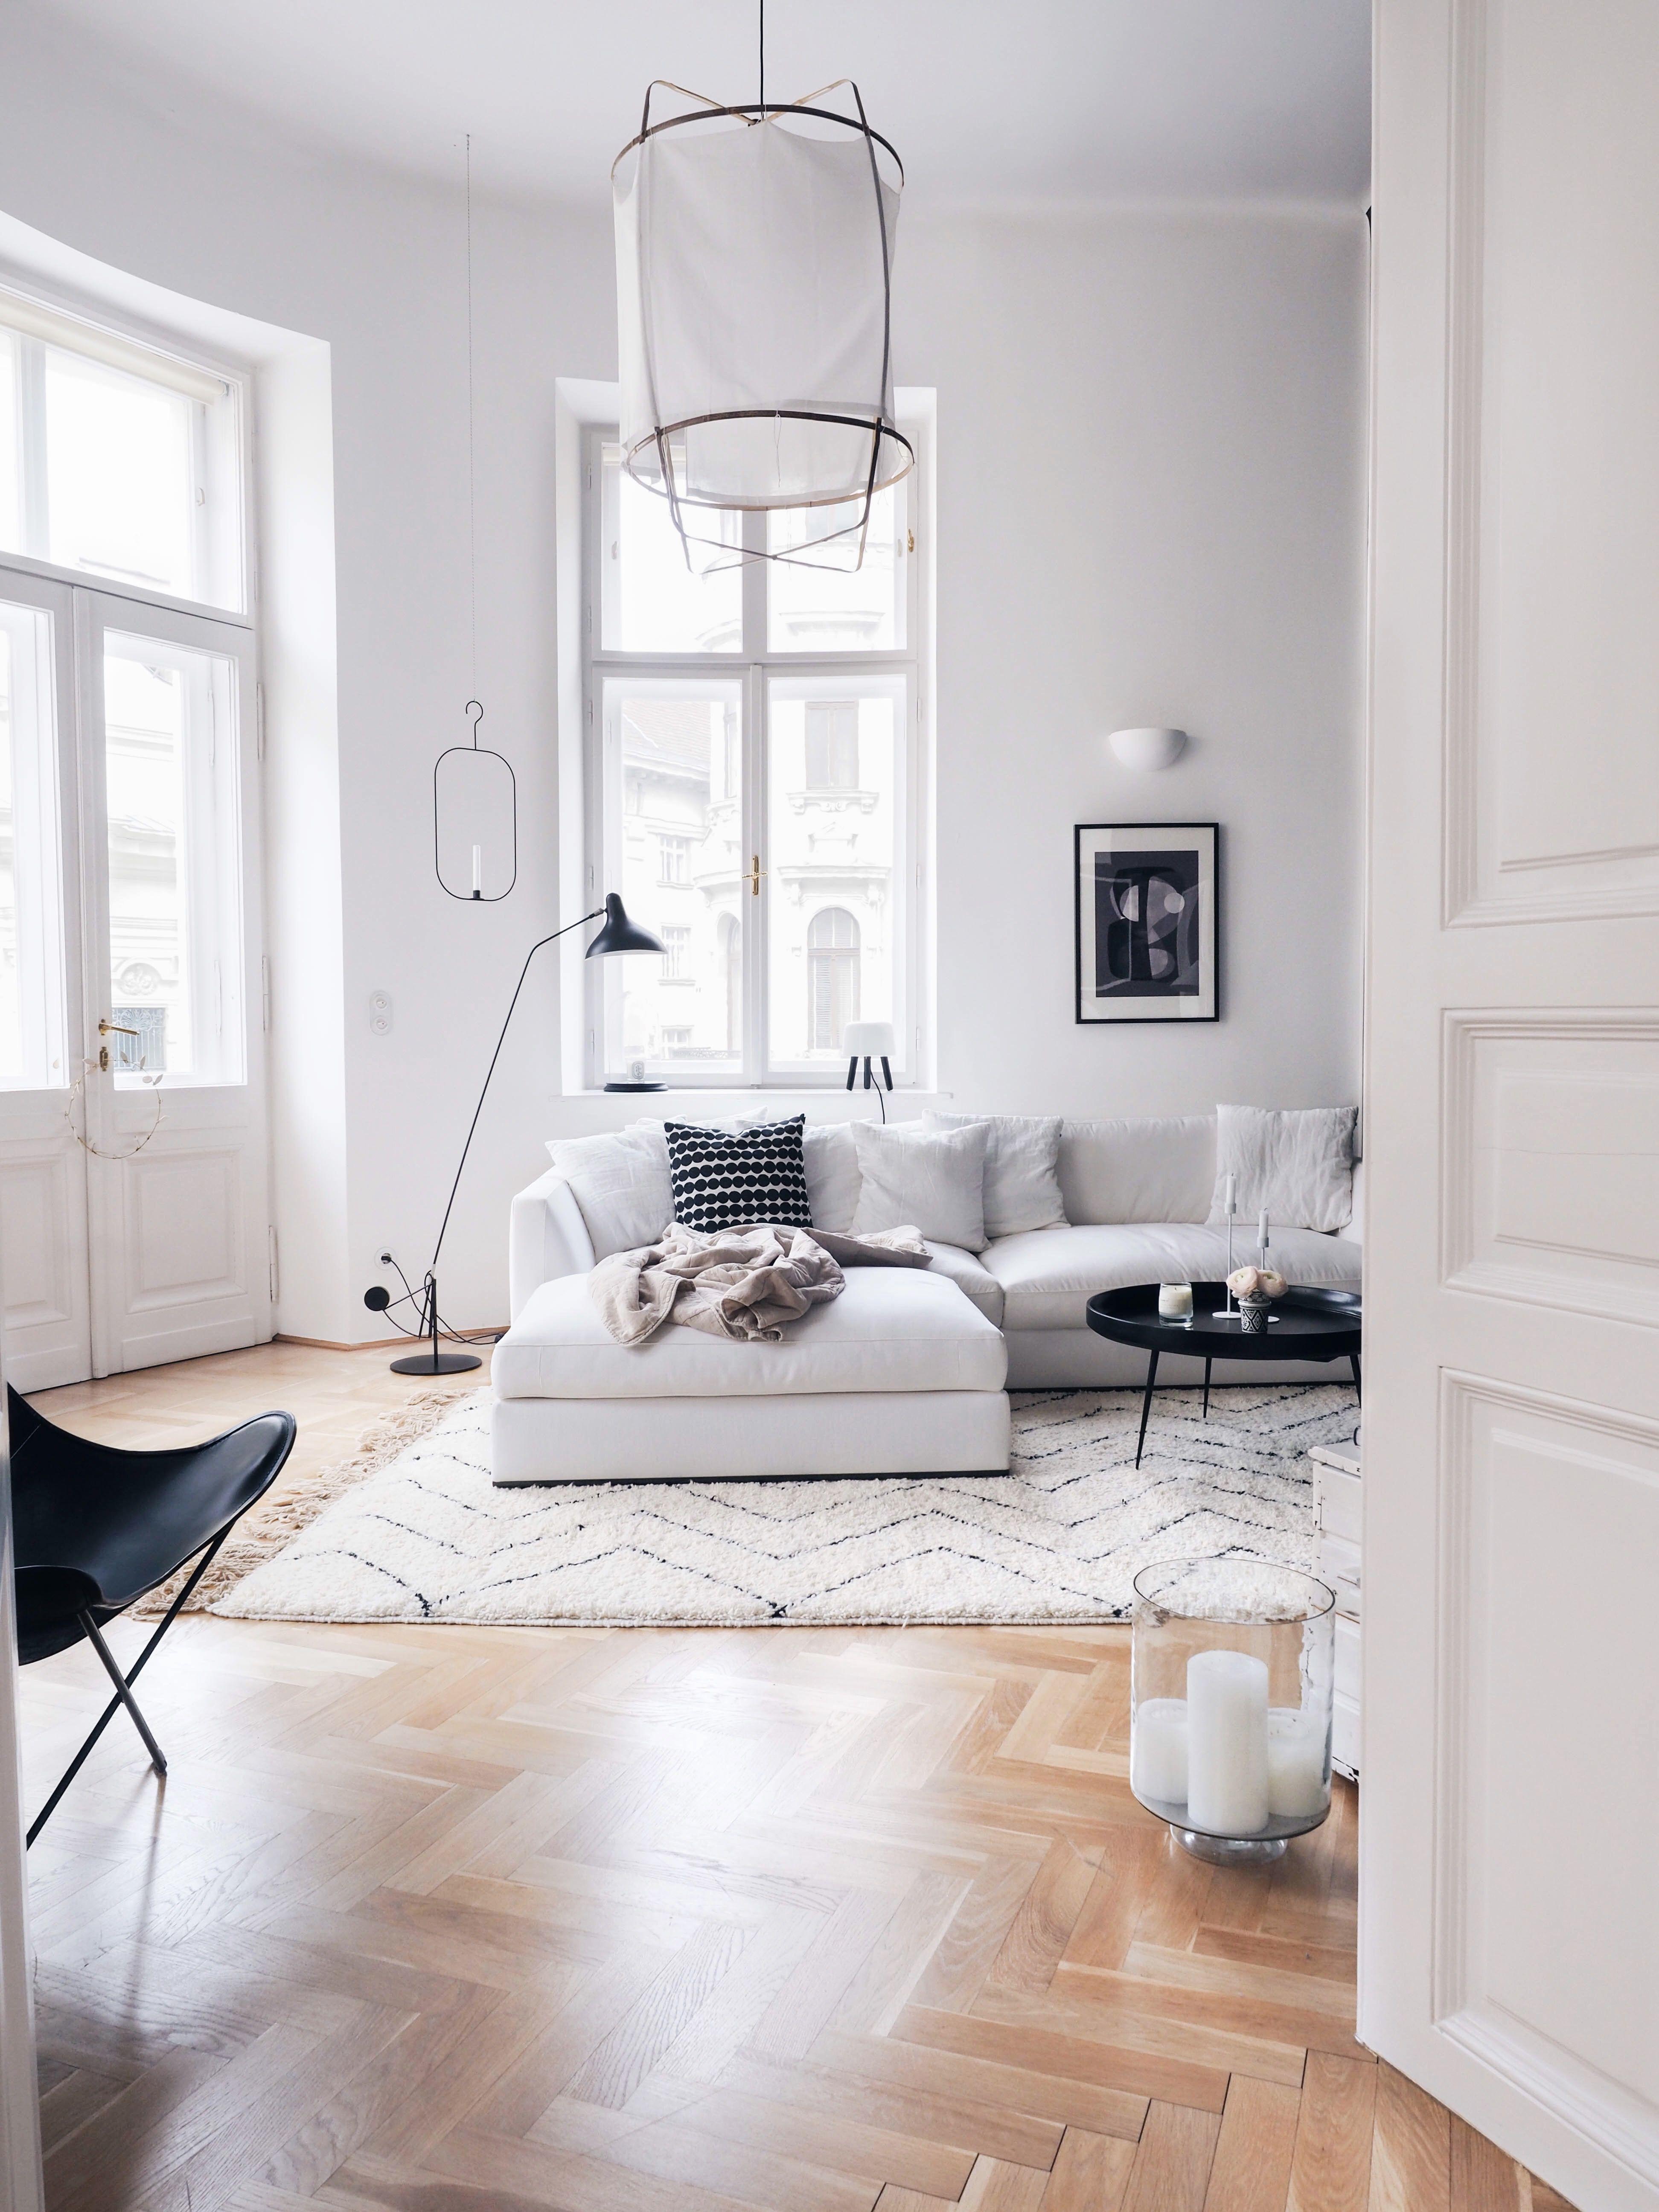 Altbau wohnzimmer einrichtung einrichtungen einrichtungshauser wien mixen schlafzimmer - Altbau wohnzimmer ...